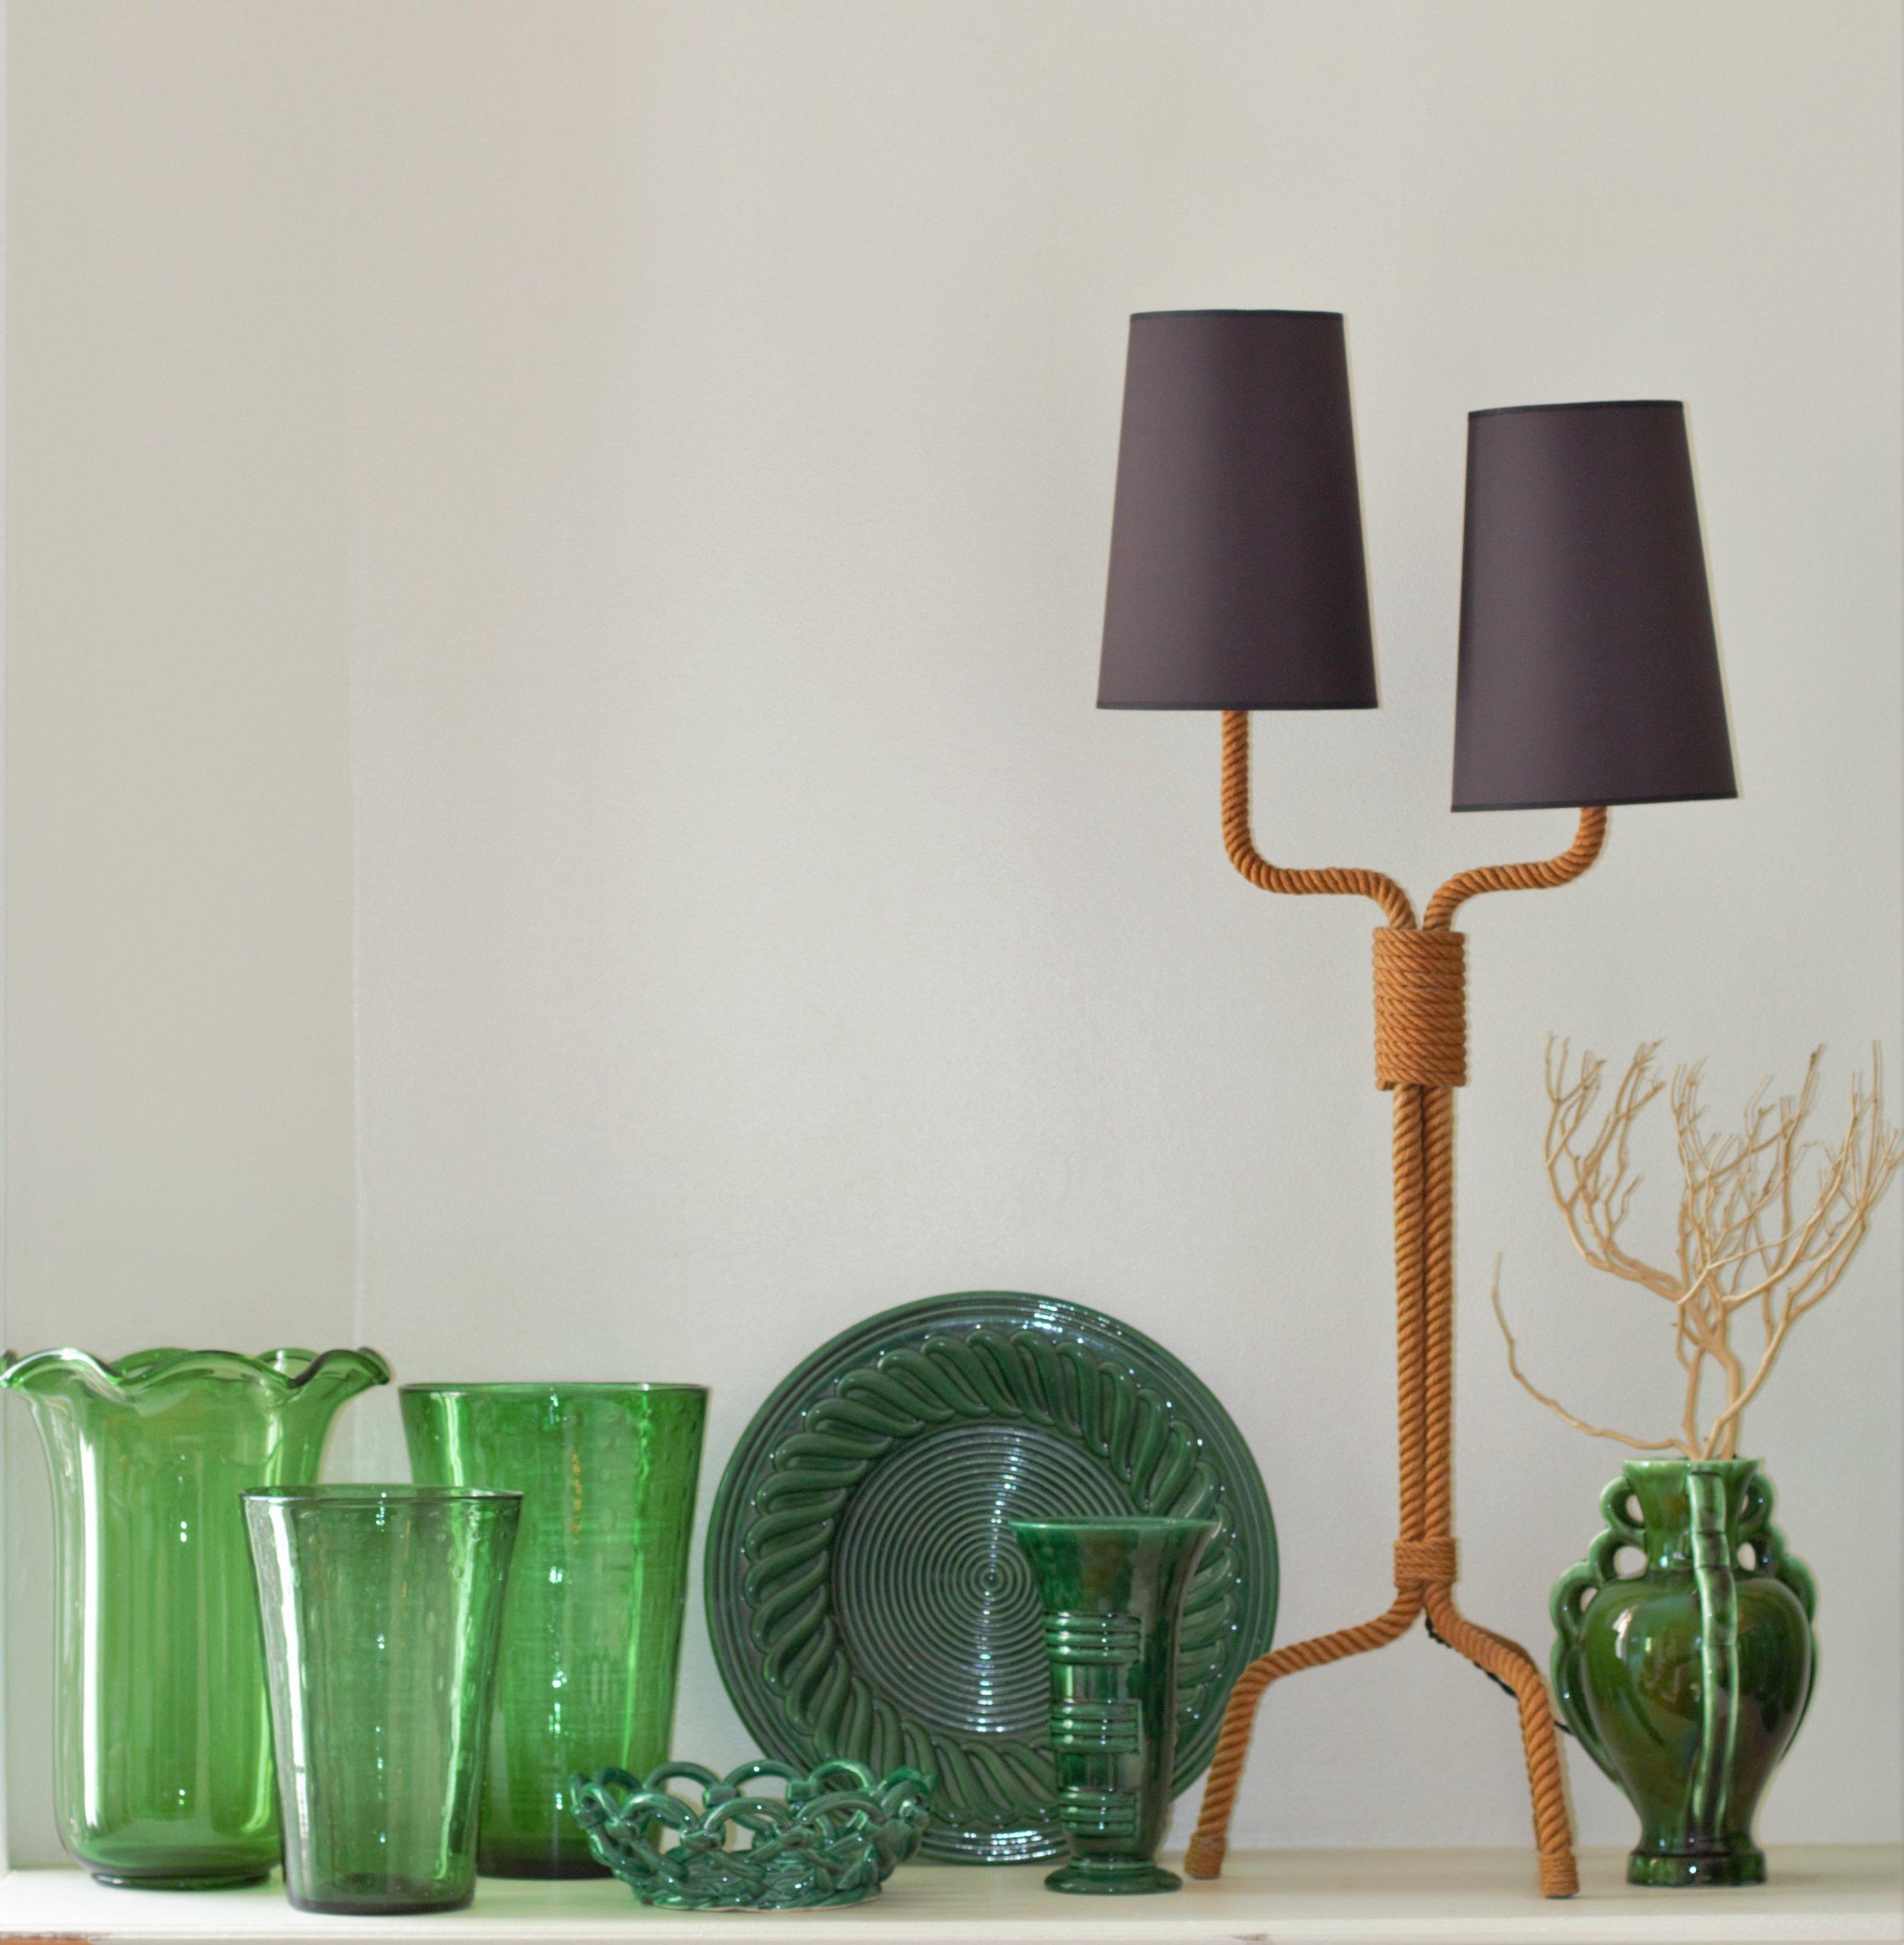 Lampe Audoux Minet et Céramiques vintage